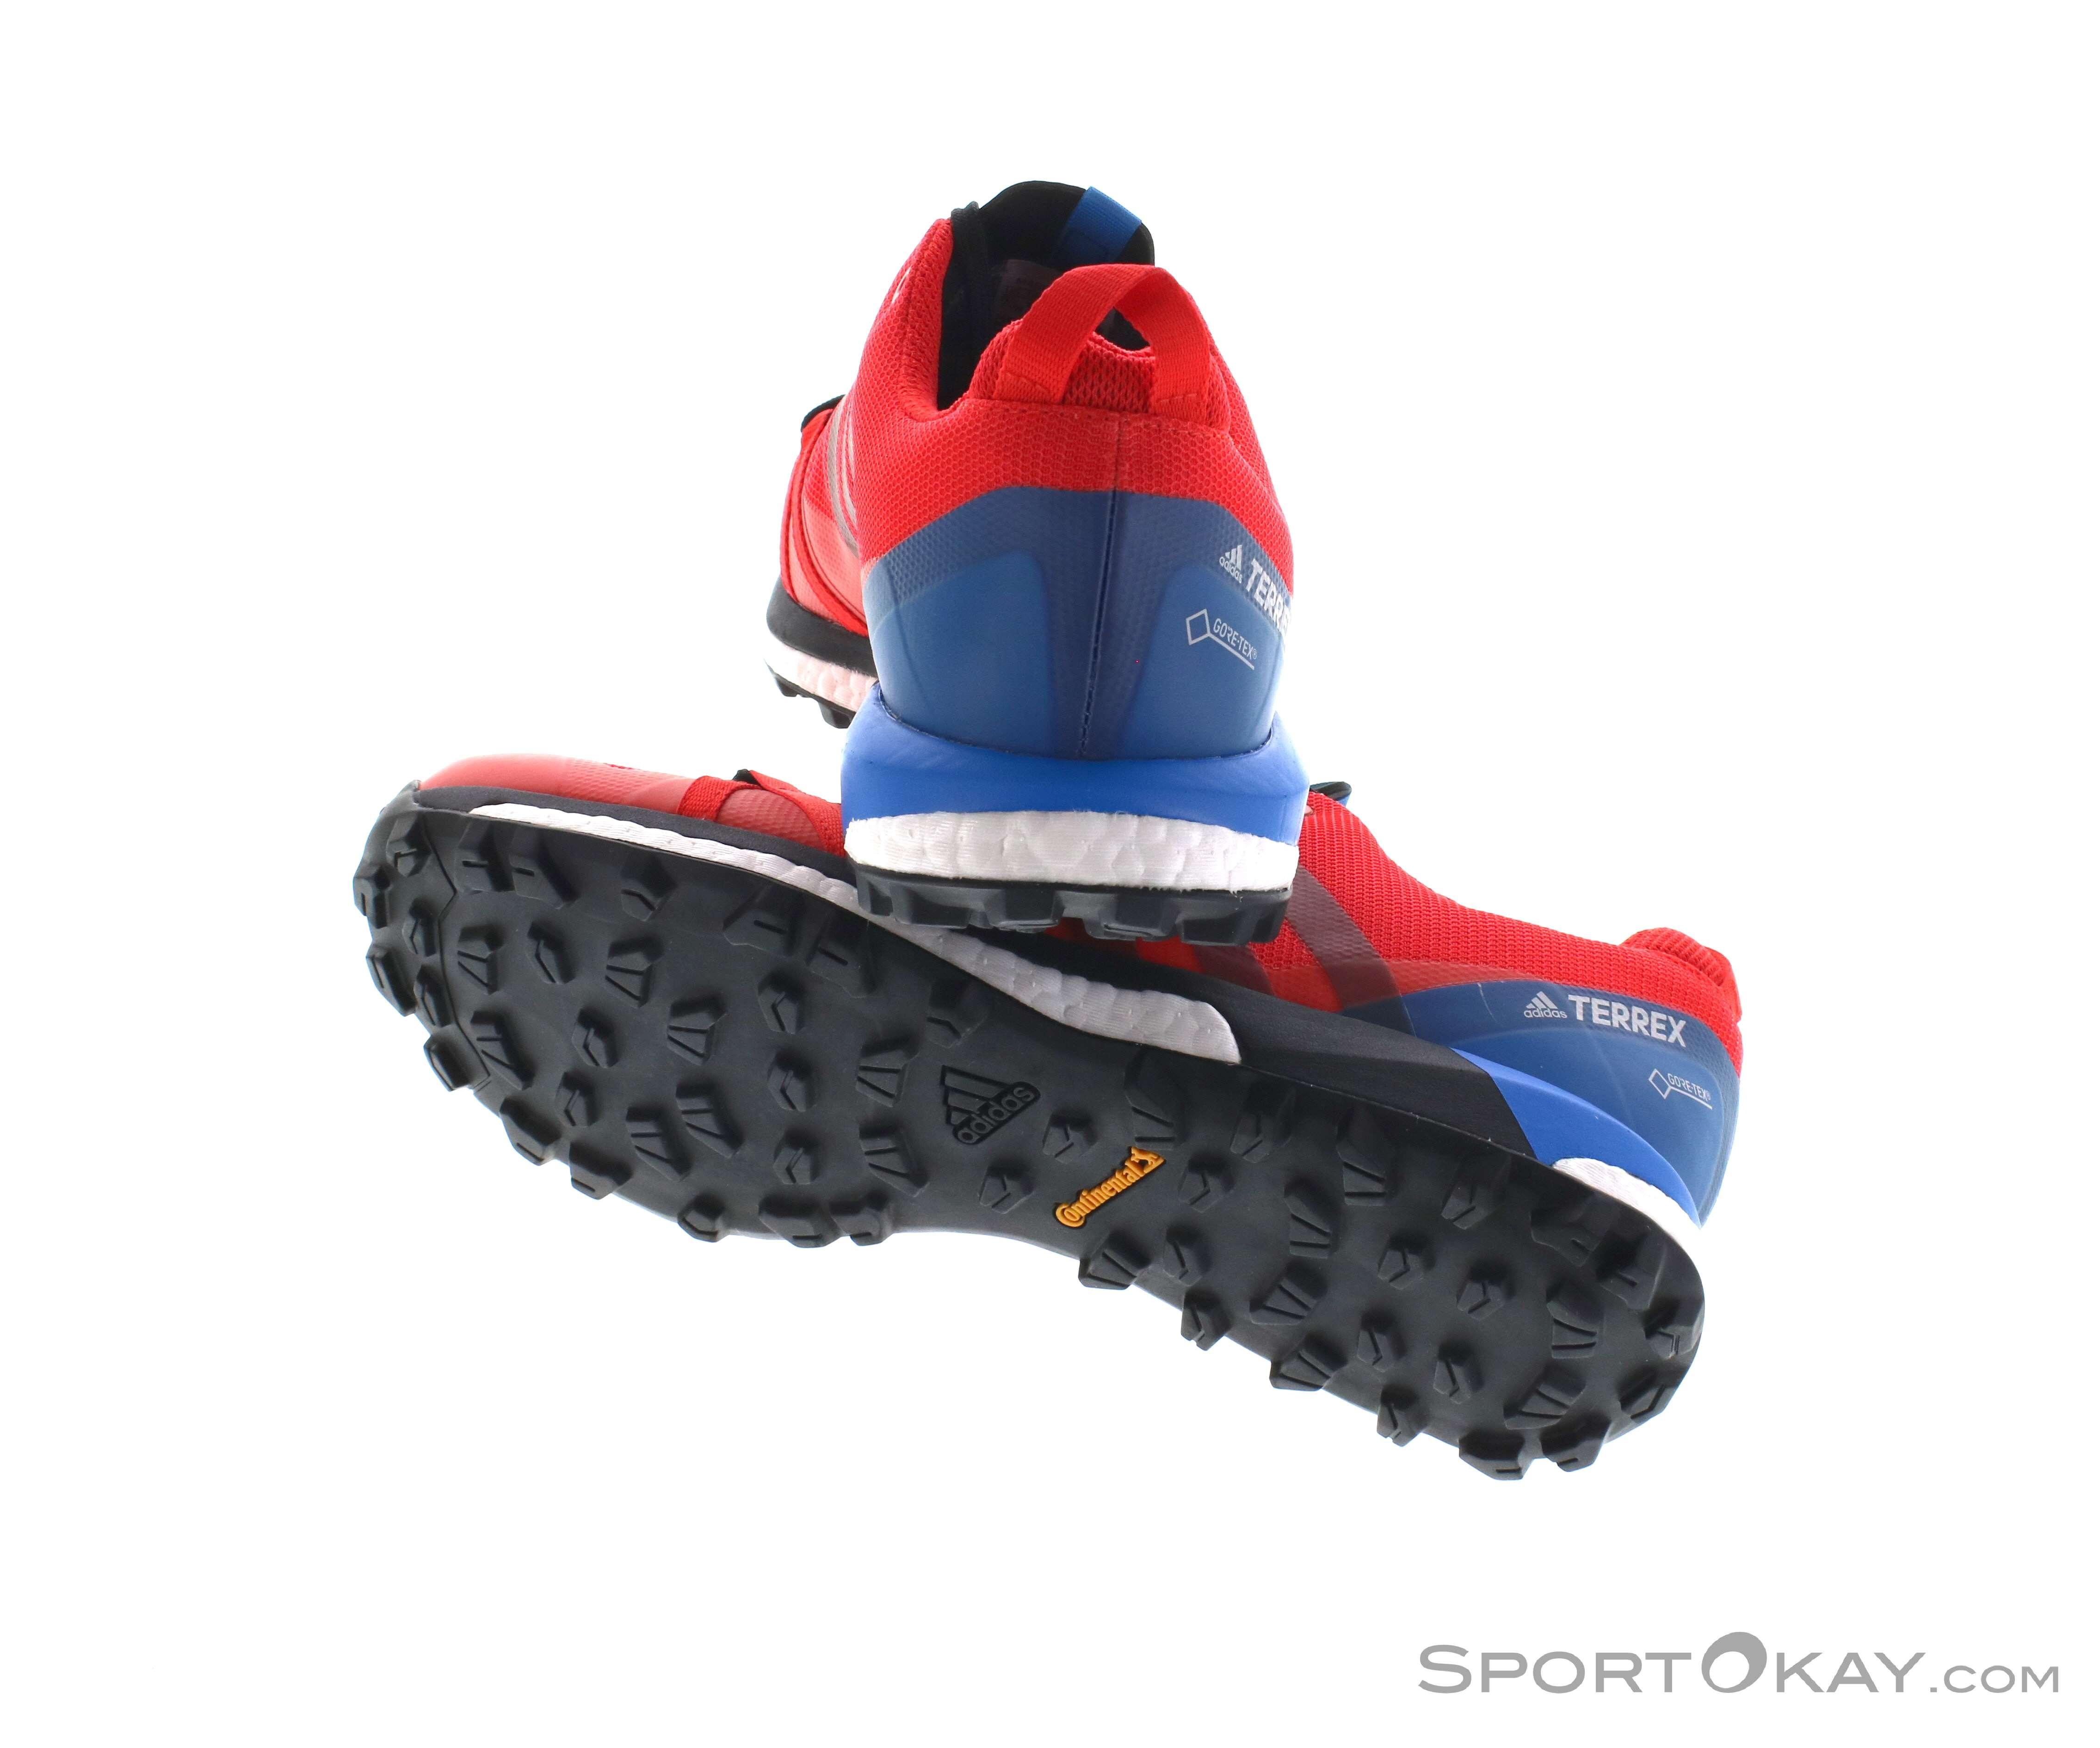 timeless design 4dec4 d13ae adidas Terrex Agravic Uomo Scarpe da Trekking Gore-Tex, adidas, Rosso, ,